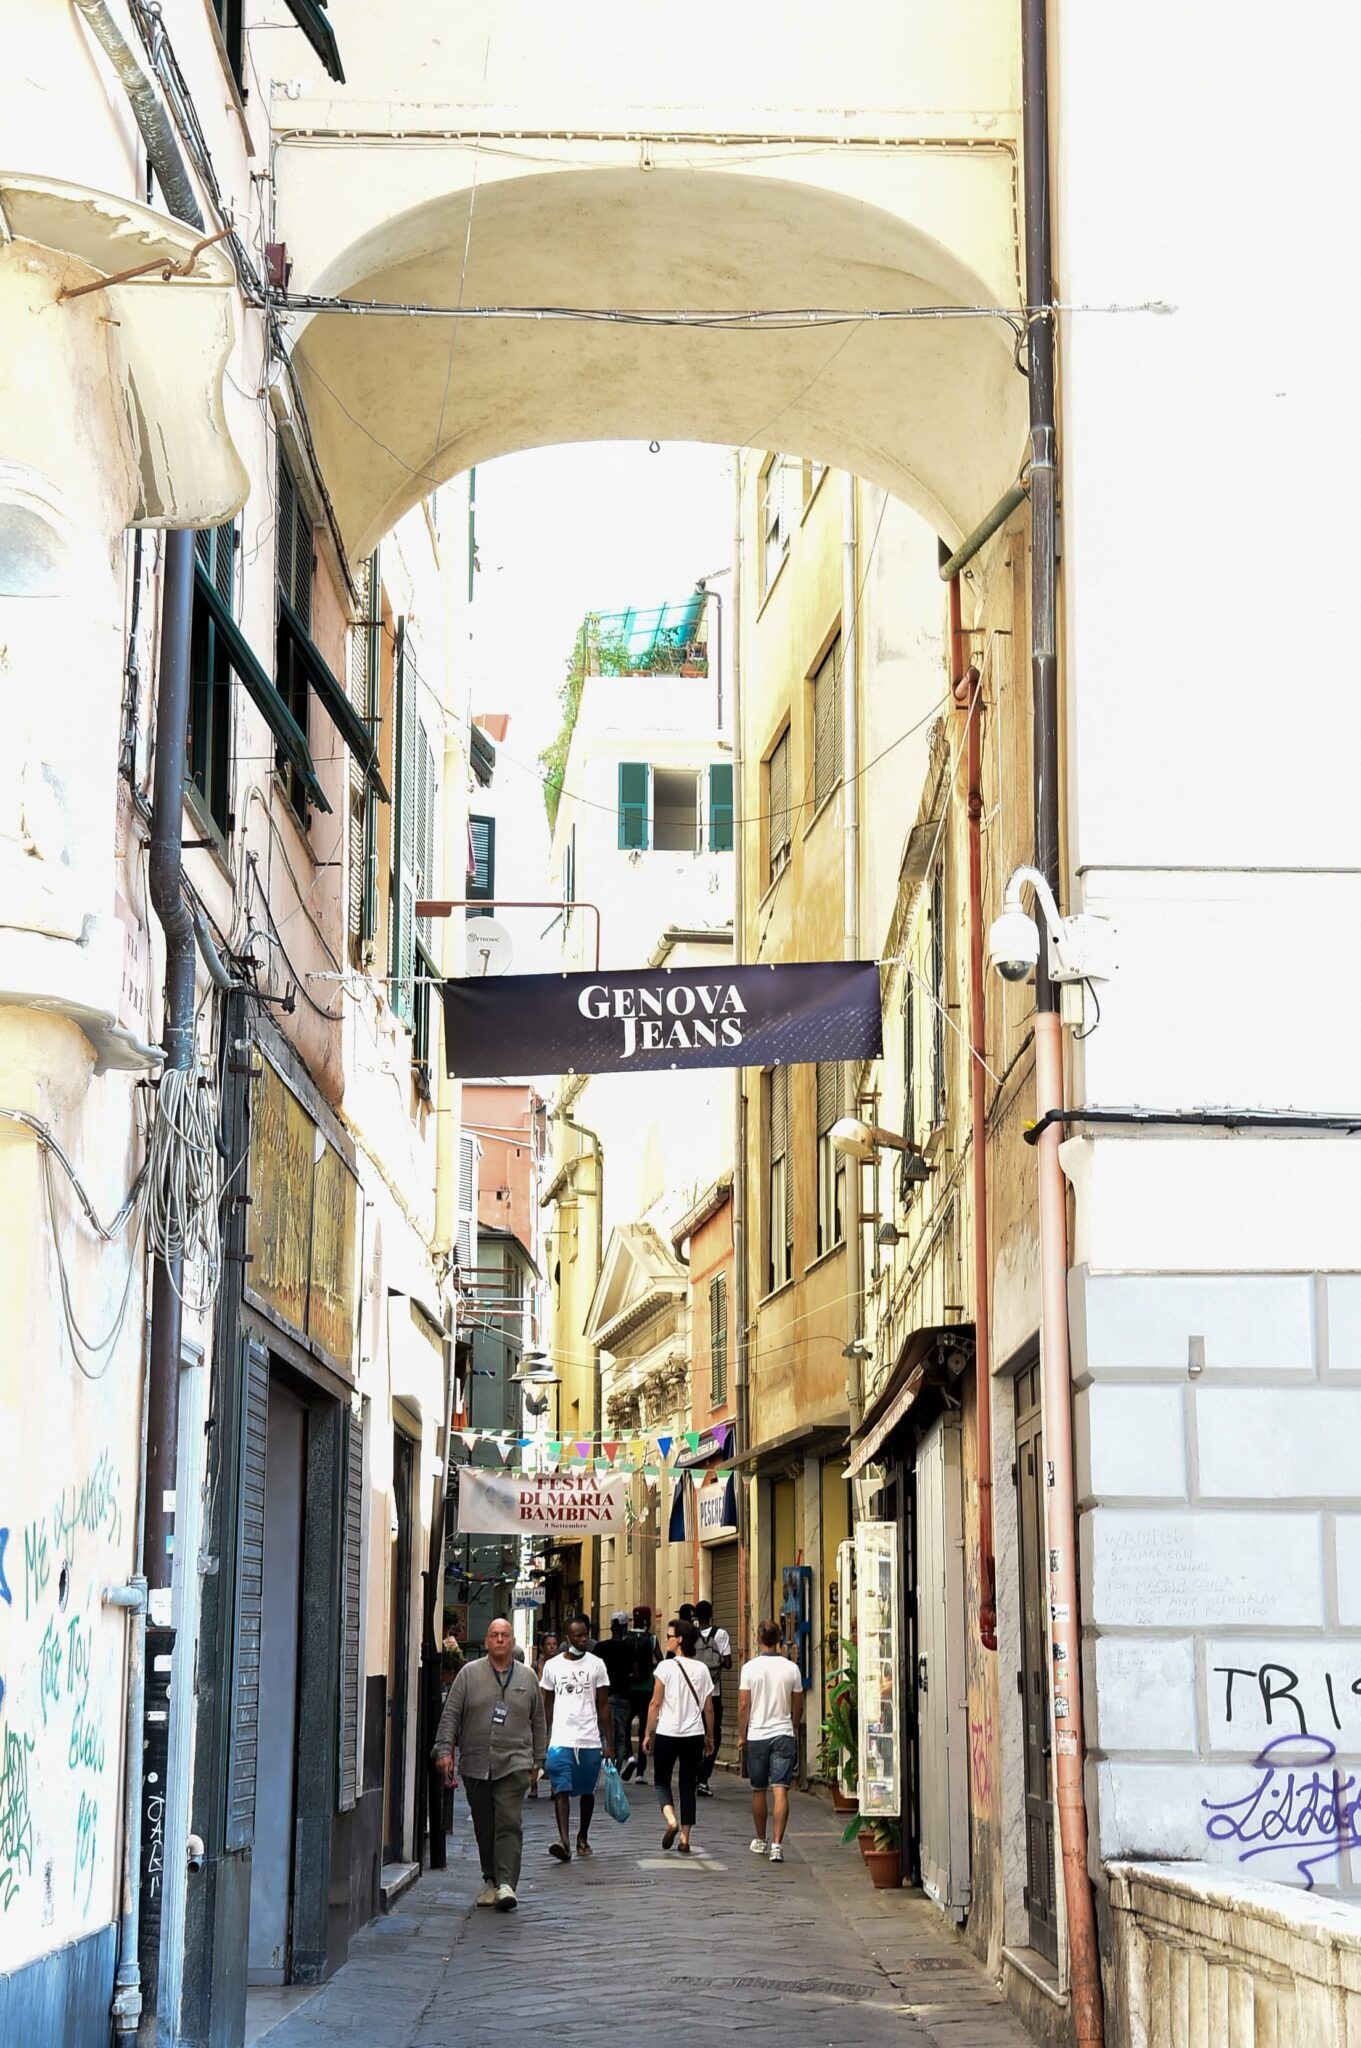 GenovaJeans inaugura l'evento dedicato al Jeans, la sua storia e l'innovazione per il futuro